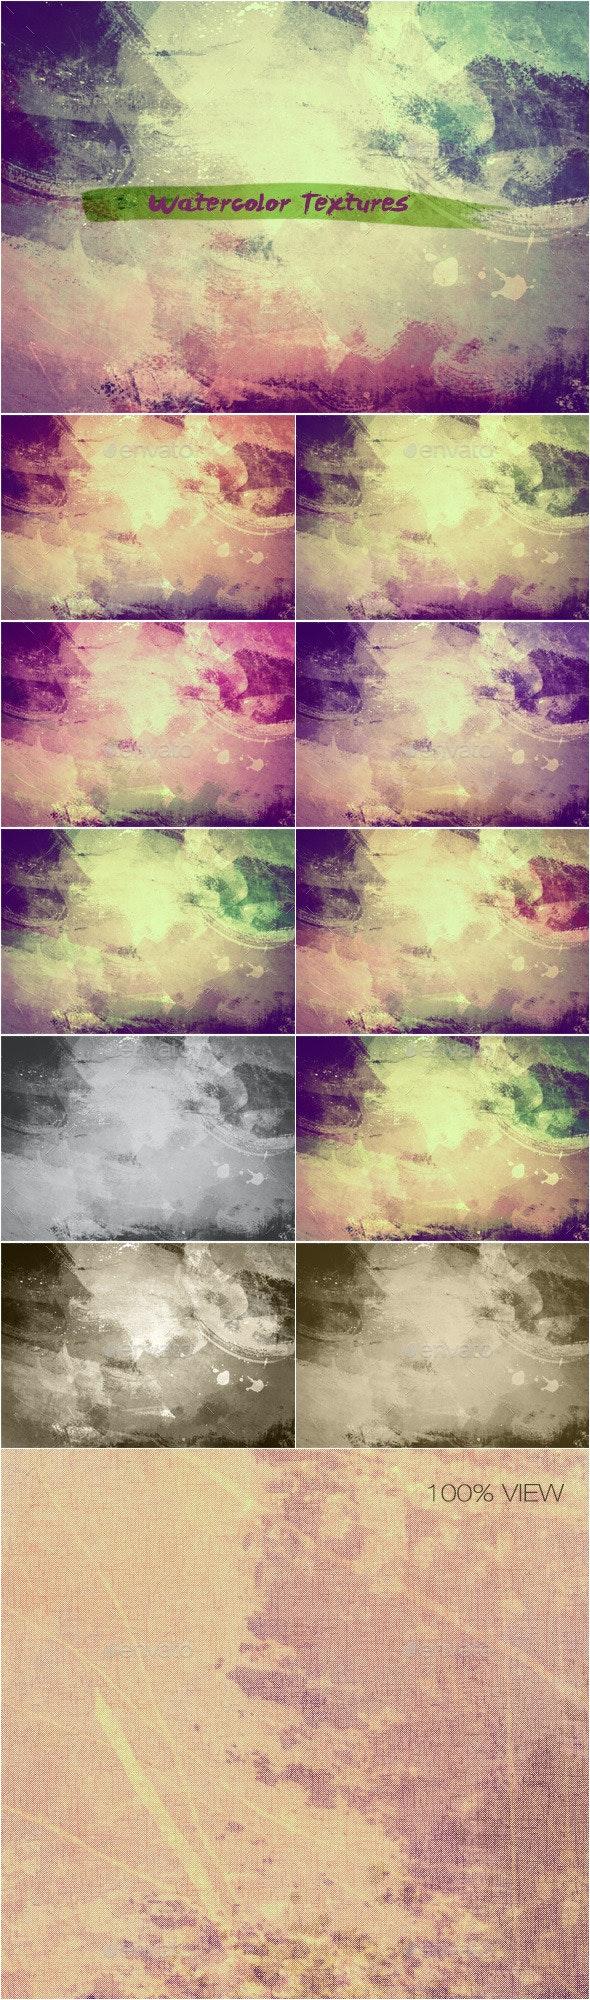 Watercolor Textures Set_6 - Industrial / Grunge Textures